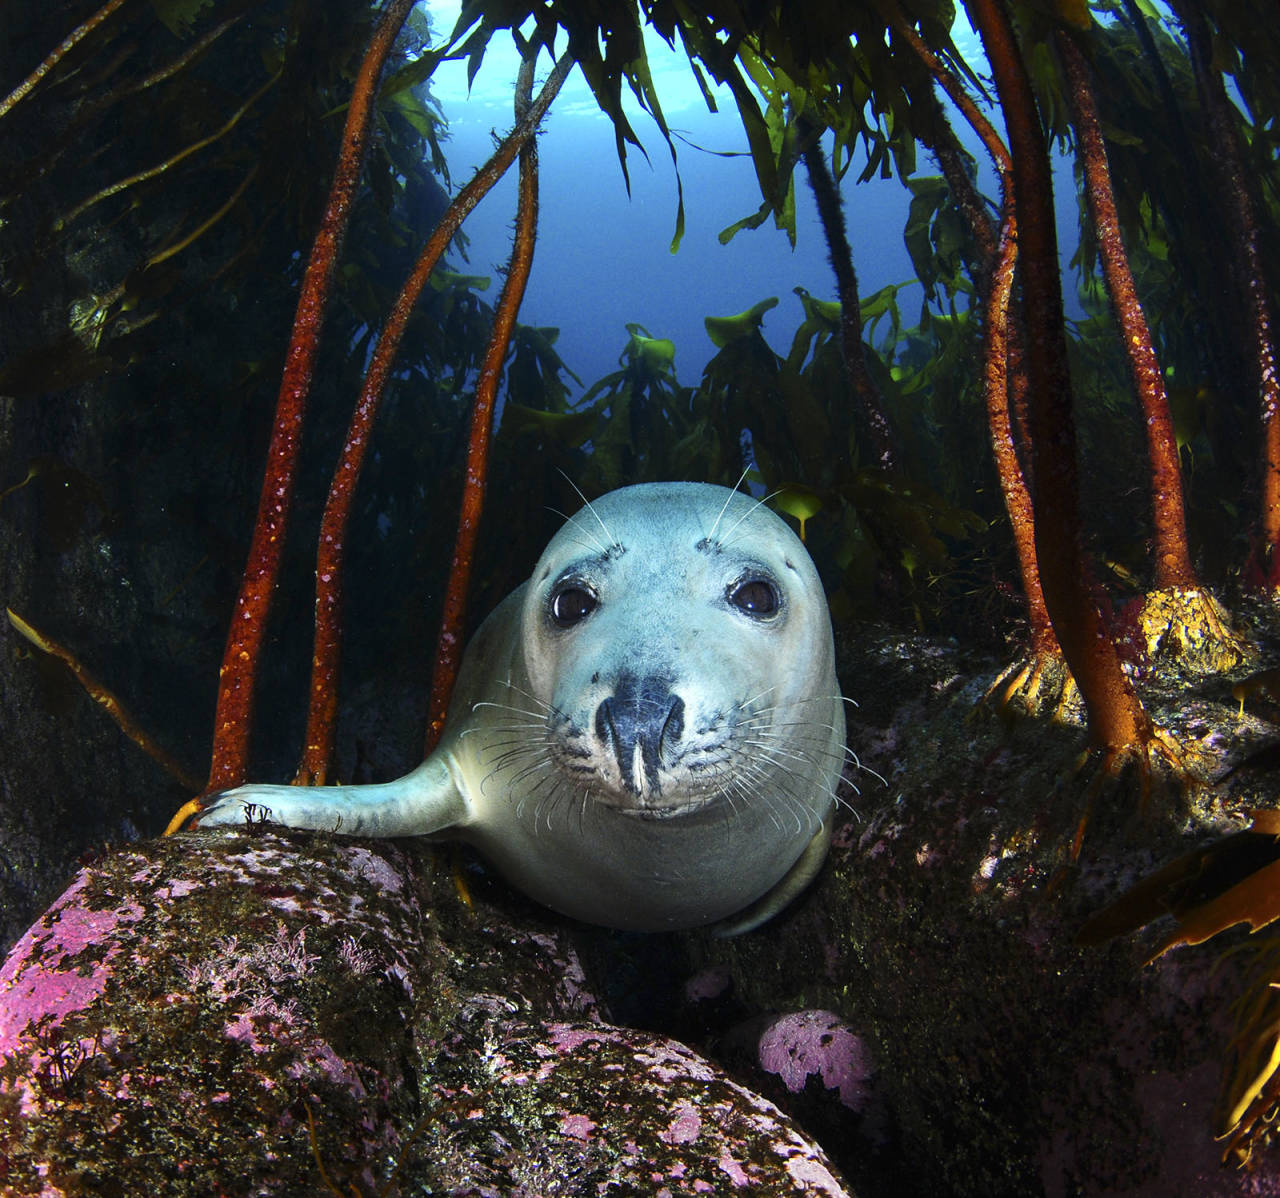 Fotograf og dykker Lill Haugen skal snakke om hvordan forsøpling og stigende grader påvirker livet under vann. Foto: Lill Haugen